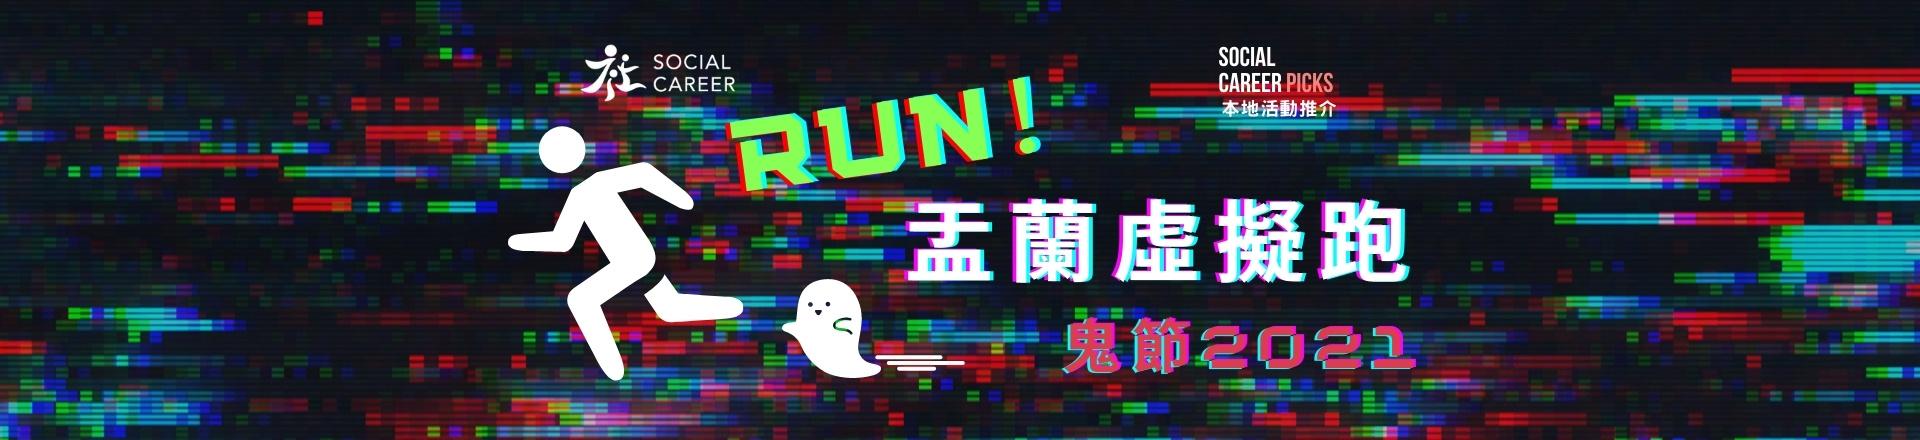 心繫心生命教育基金盂蘭虛擬跑探討生死